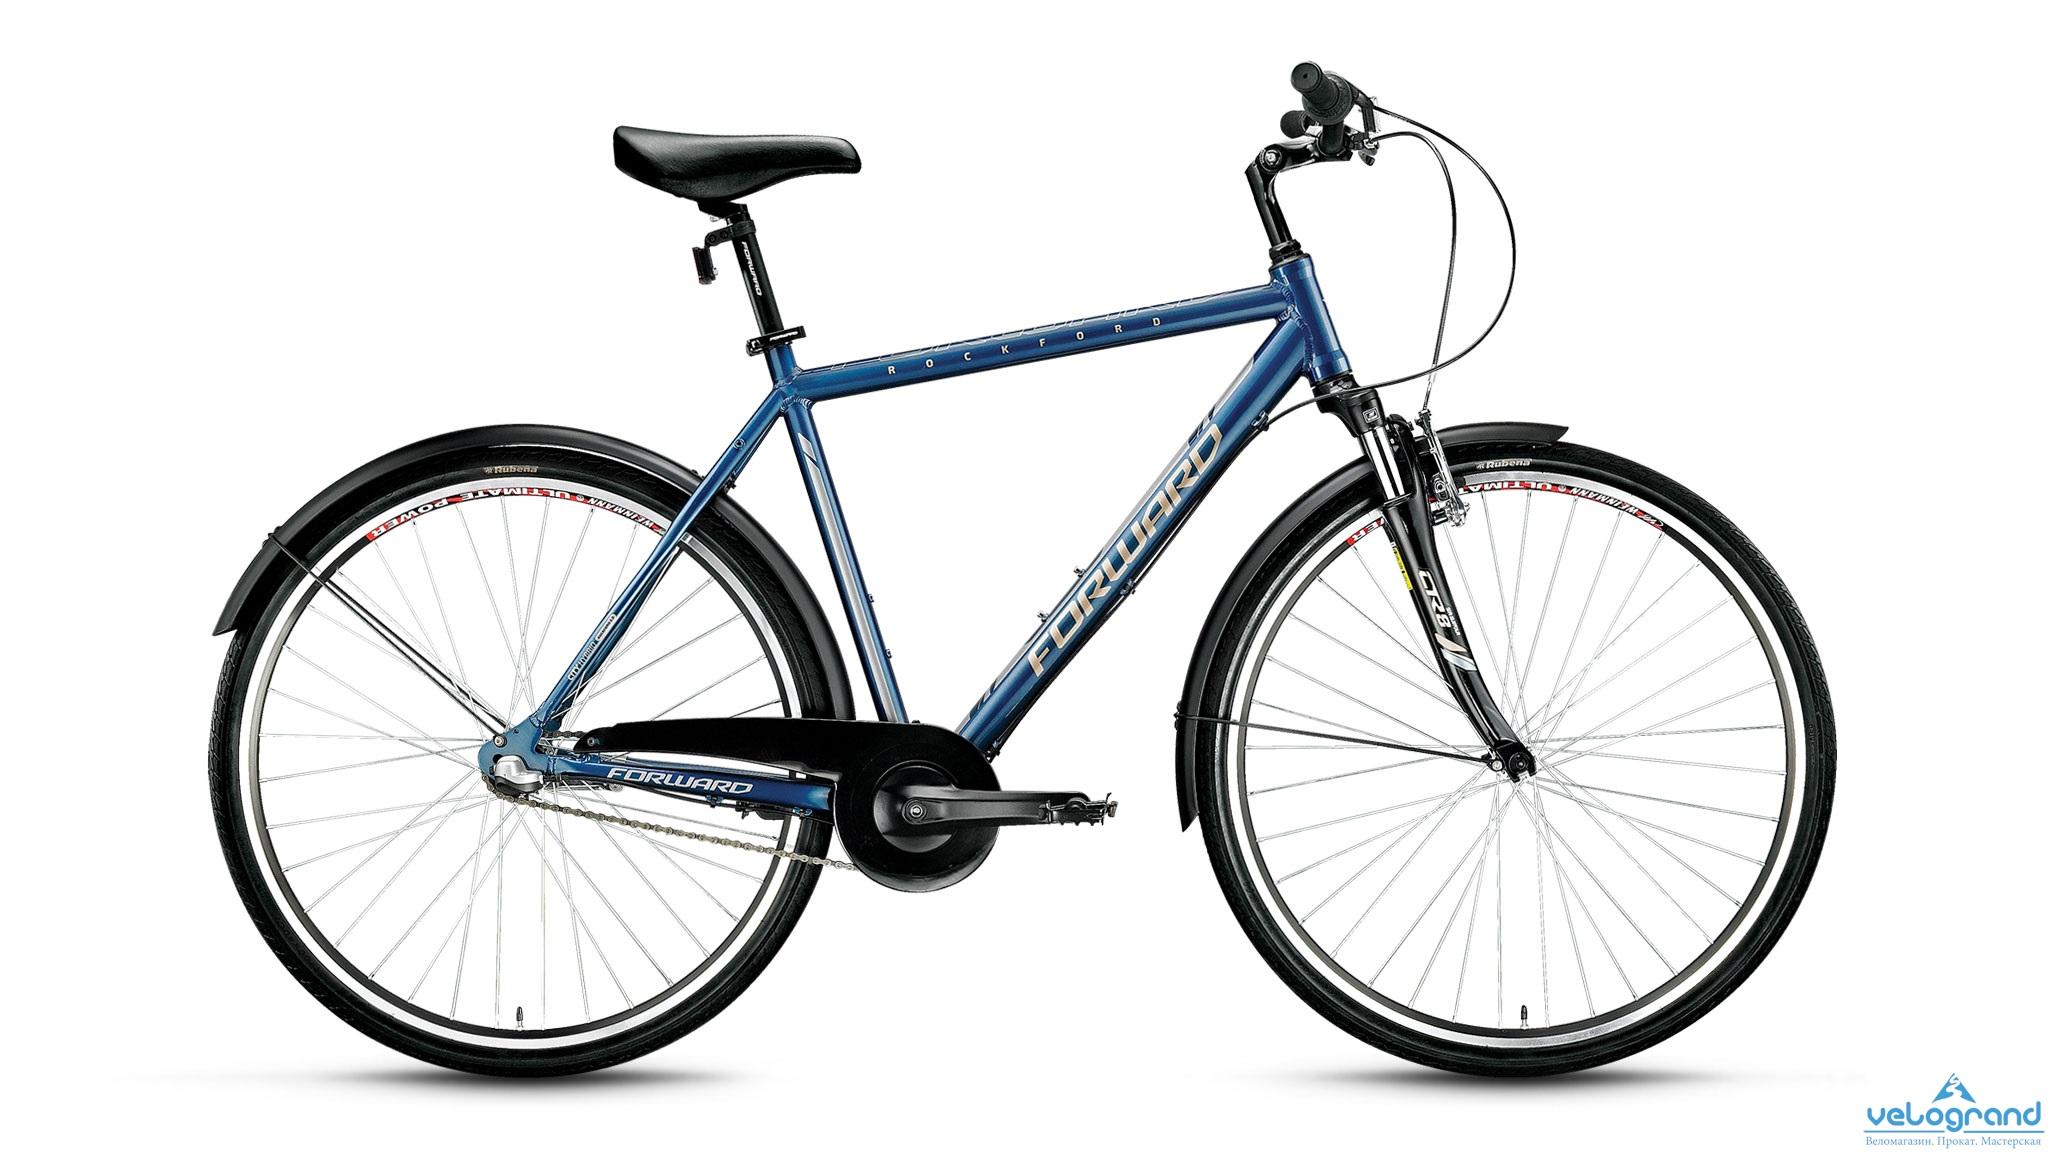 Городской велосипед Forward Rockford 2.0 (2016), Цвет Синий, Размер 21